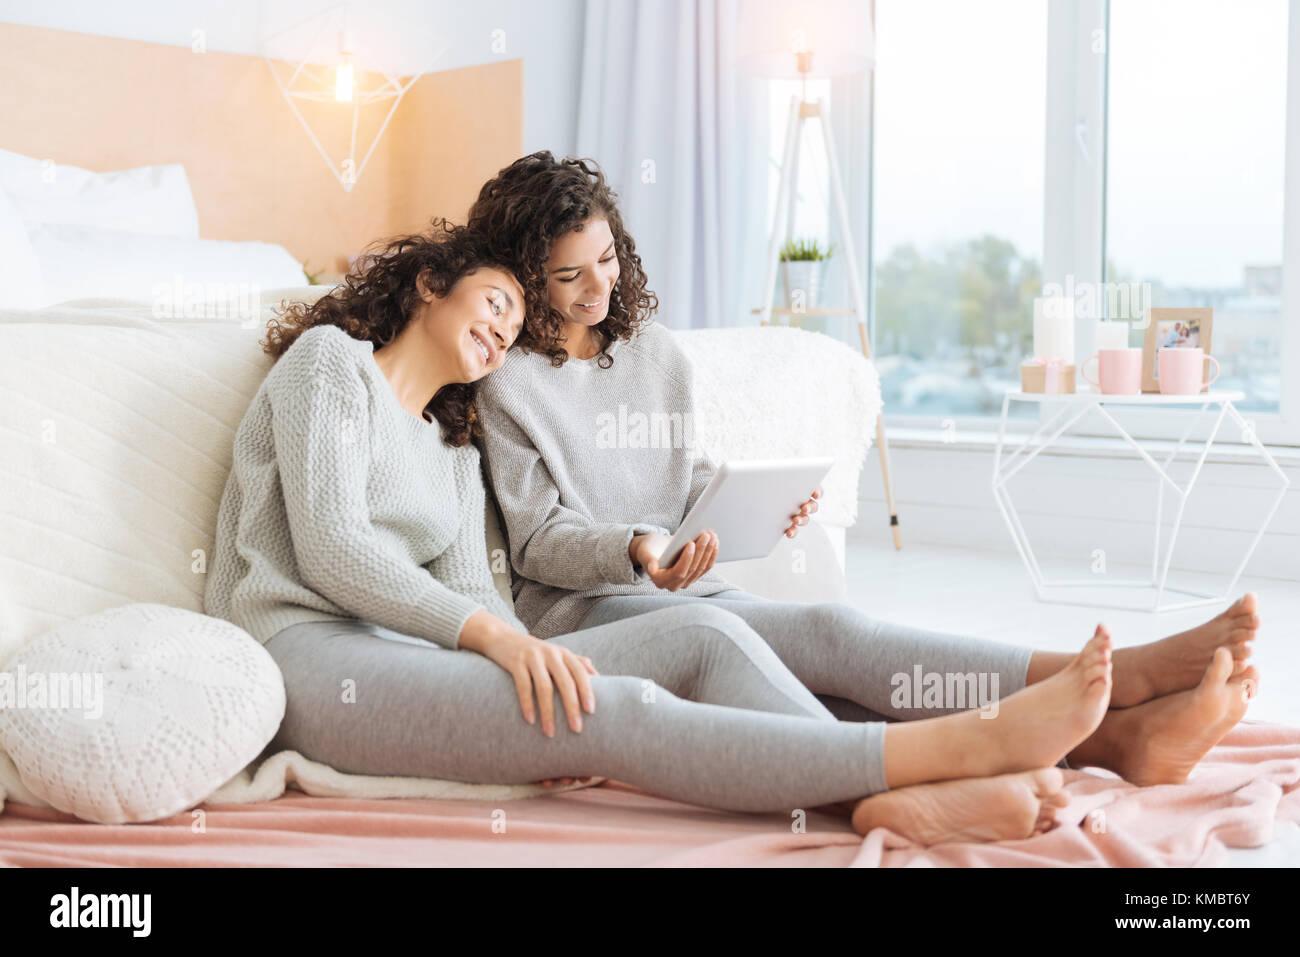 Hermanos amorosa viendo videos sobre touchpad juntos Imagen De Stock